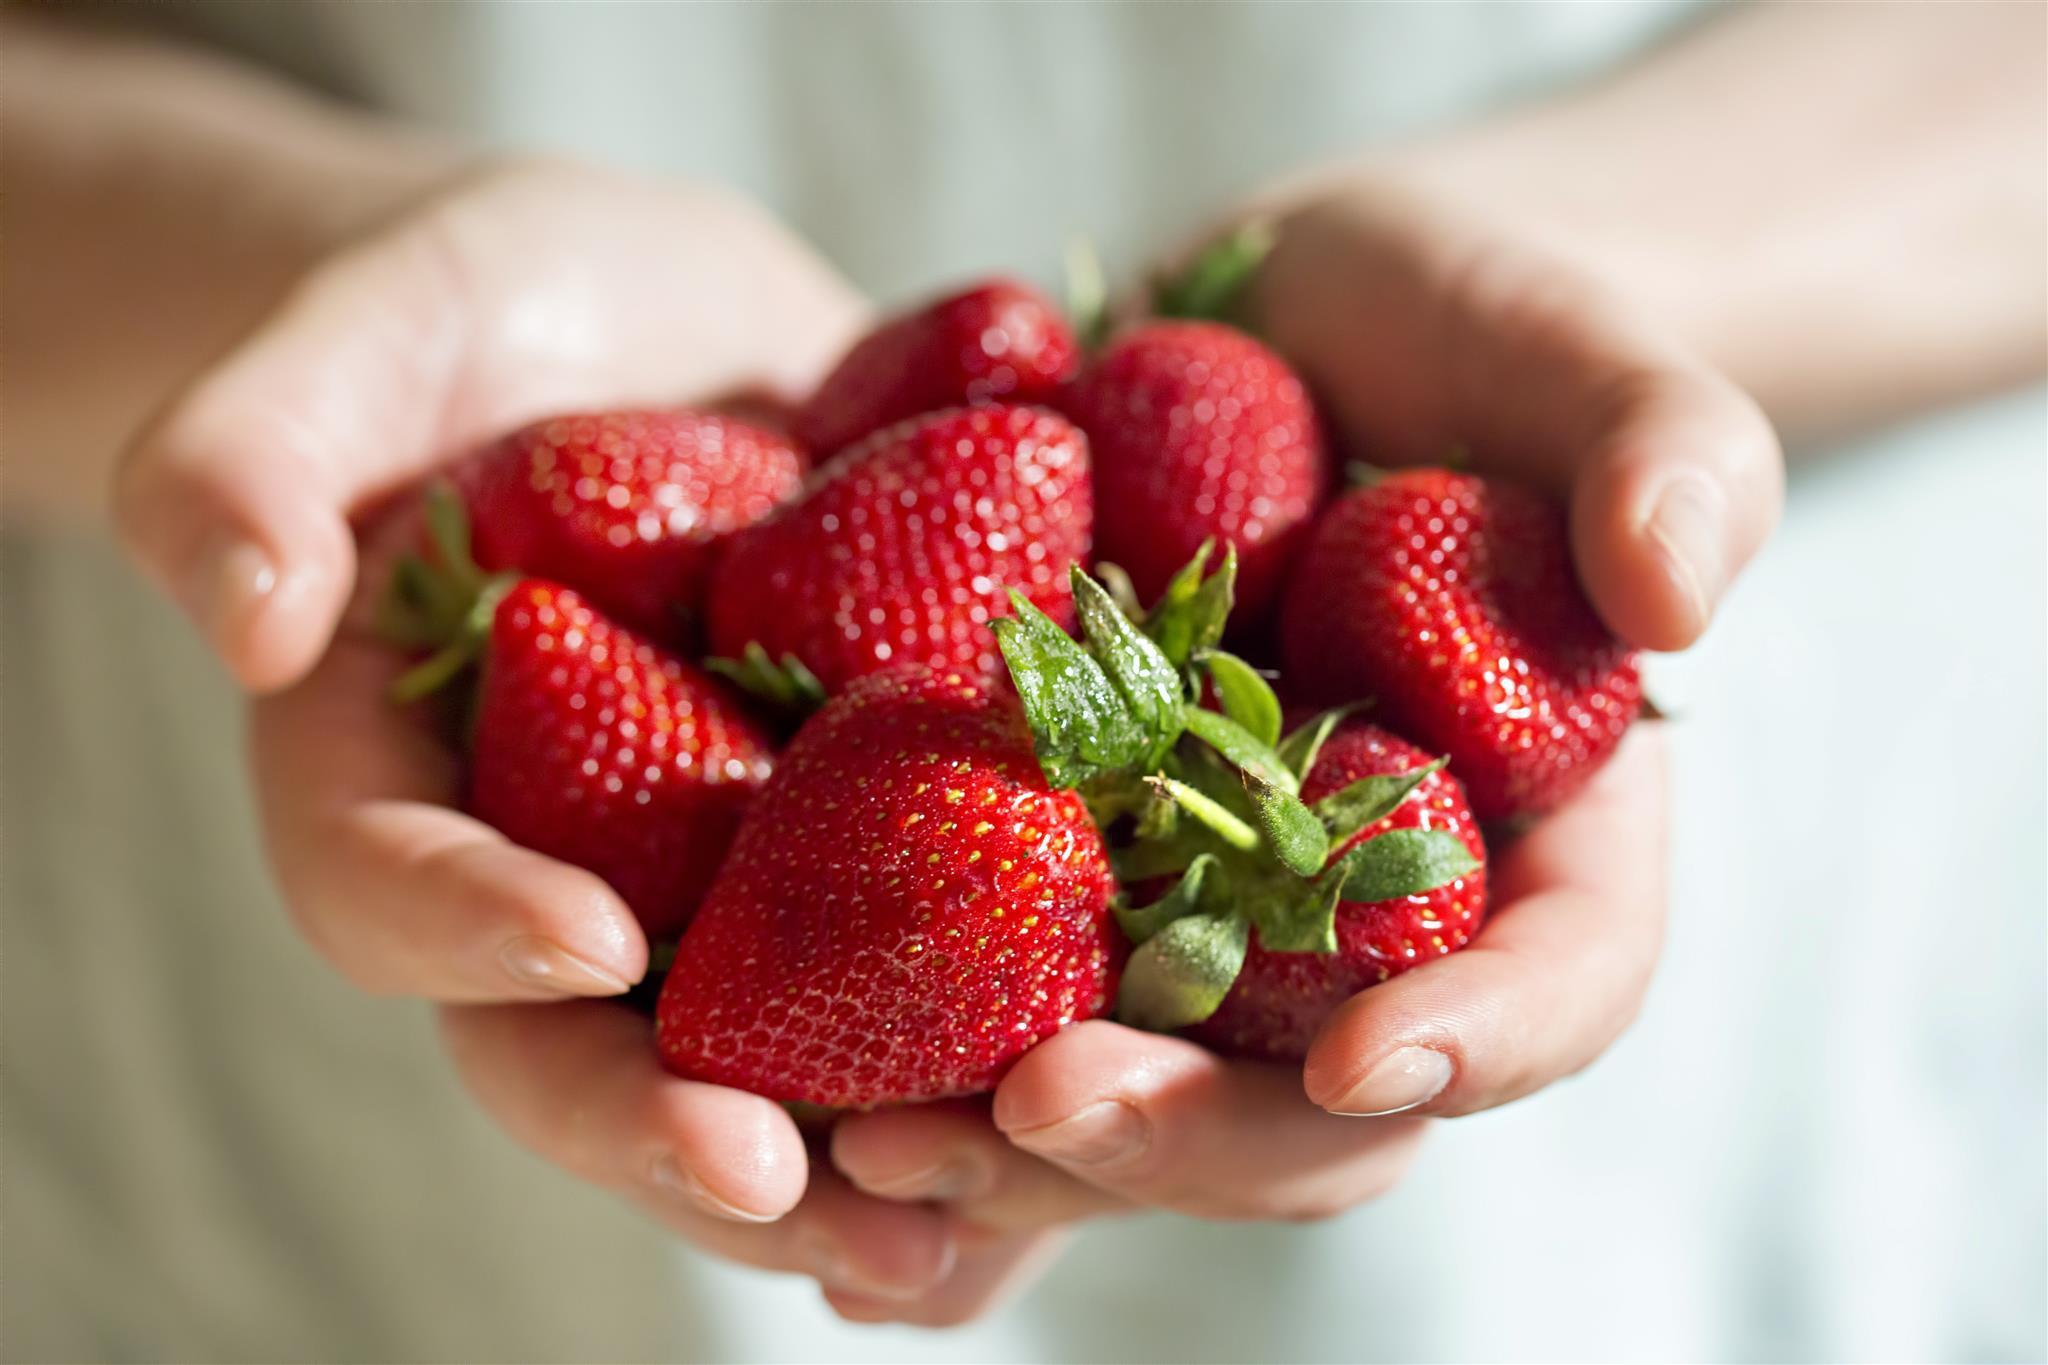 Lebensmittelwarnung: Erdbeeren mit Hepatitis A infiziert